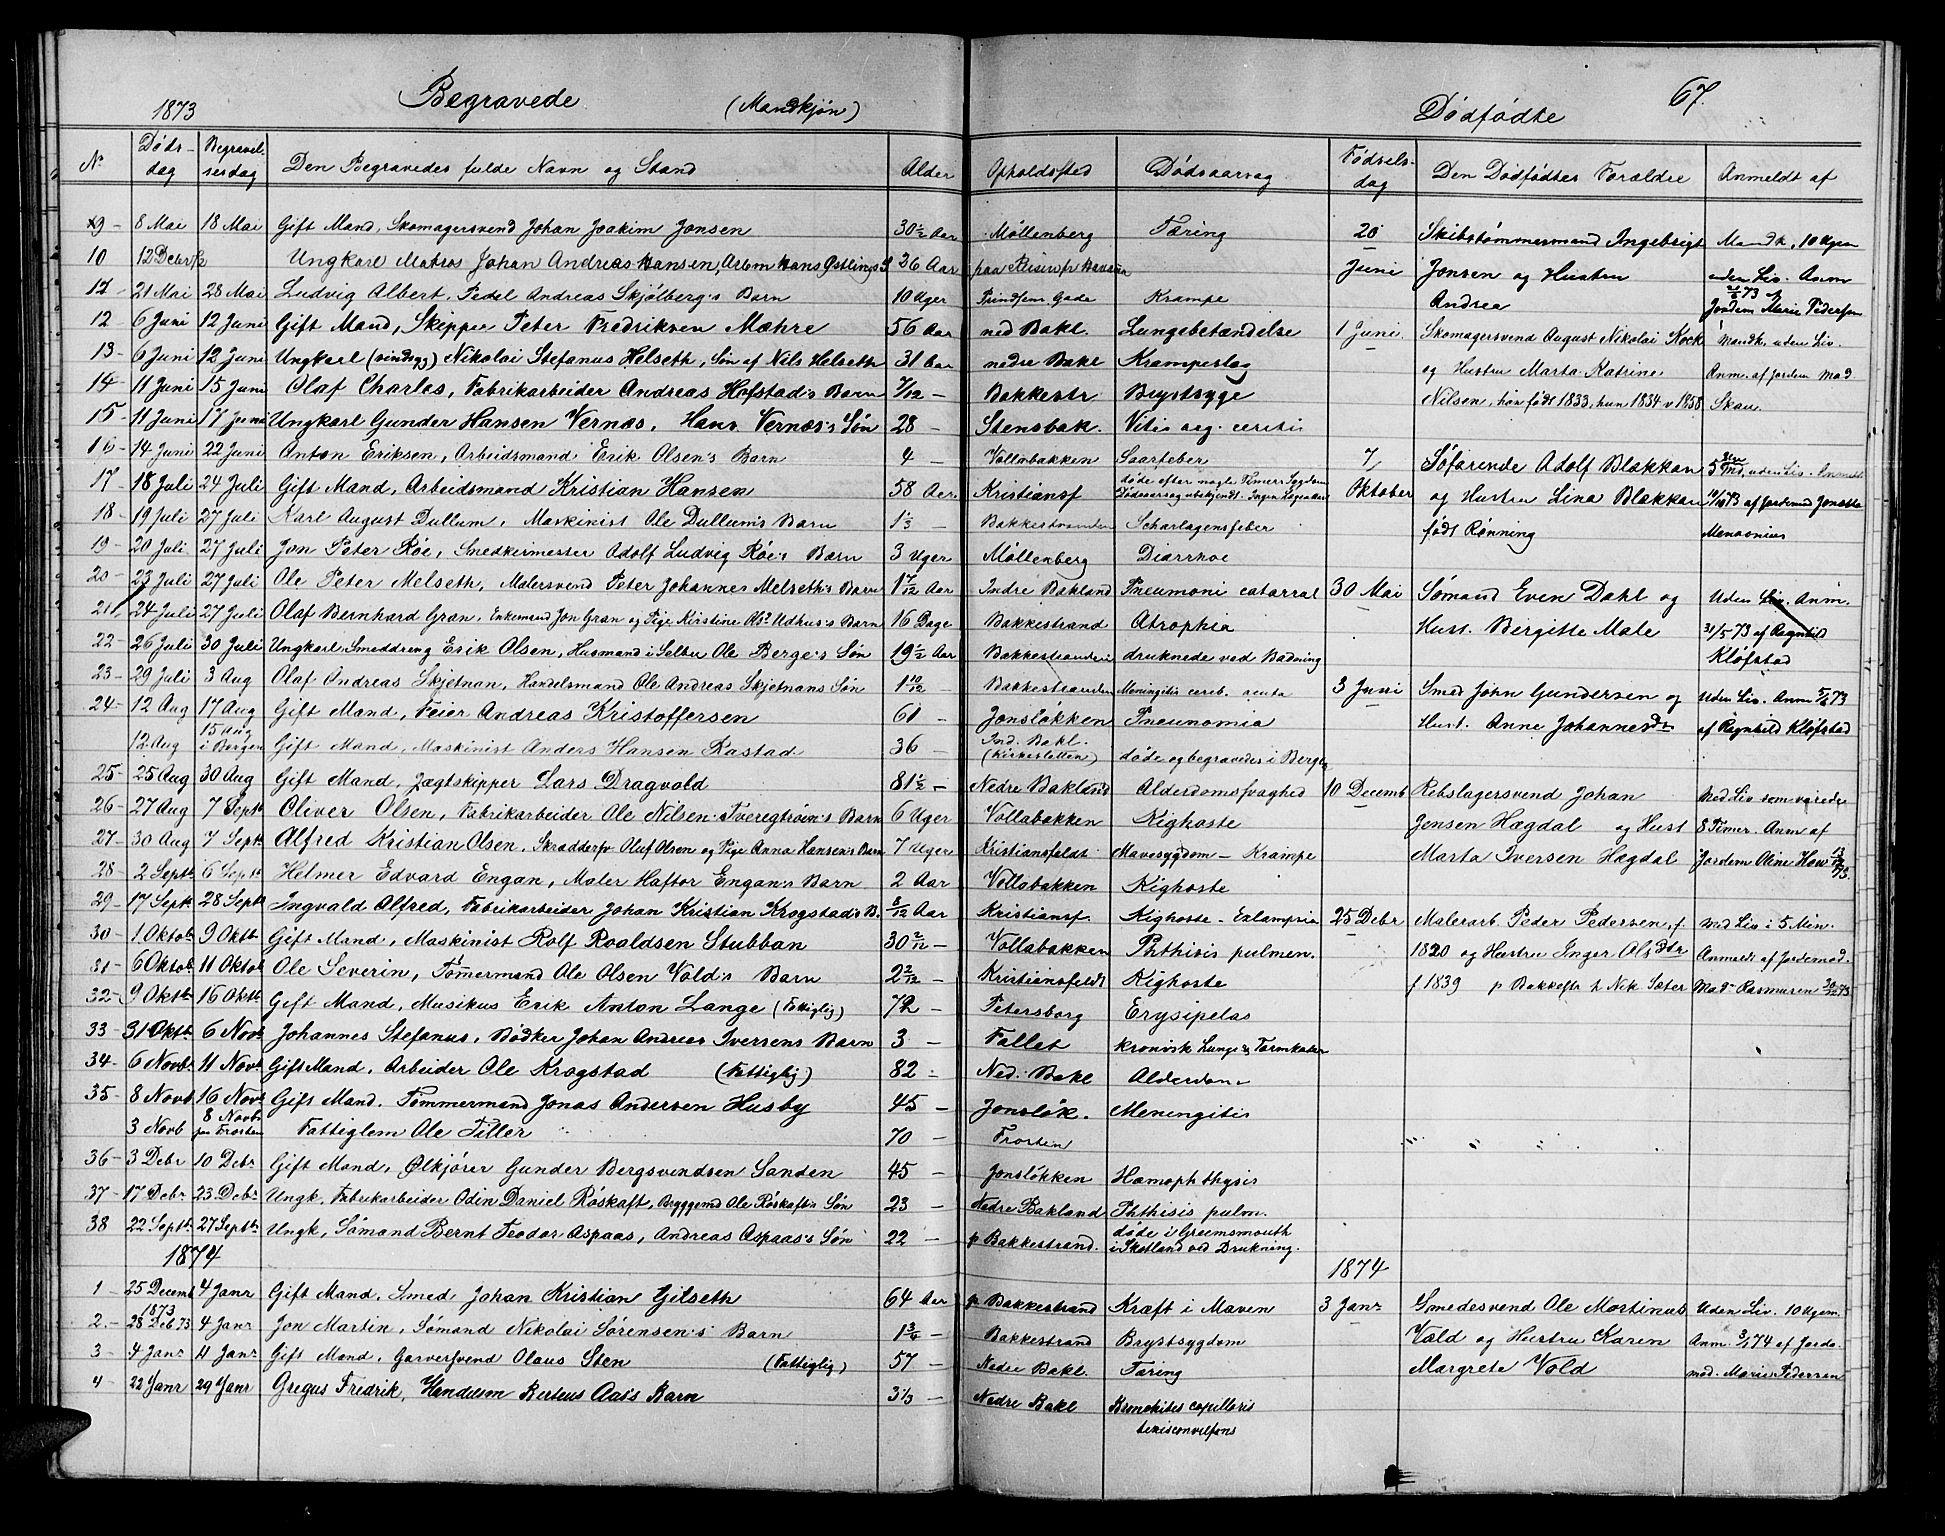 SAT, Ministerialprotokoller, klokkerbøker og fødselsregistre - Sør-Trøndelag, 604/L0221: Klokkerbok nr. 604C04, 1870-1885, s. 67